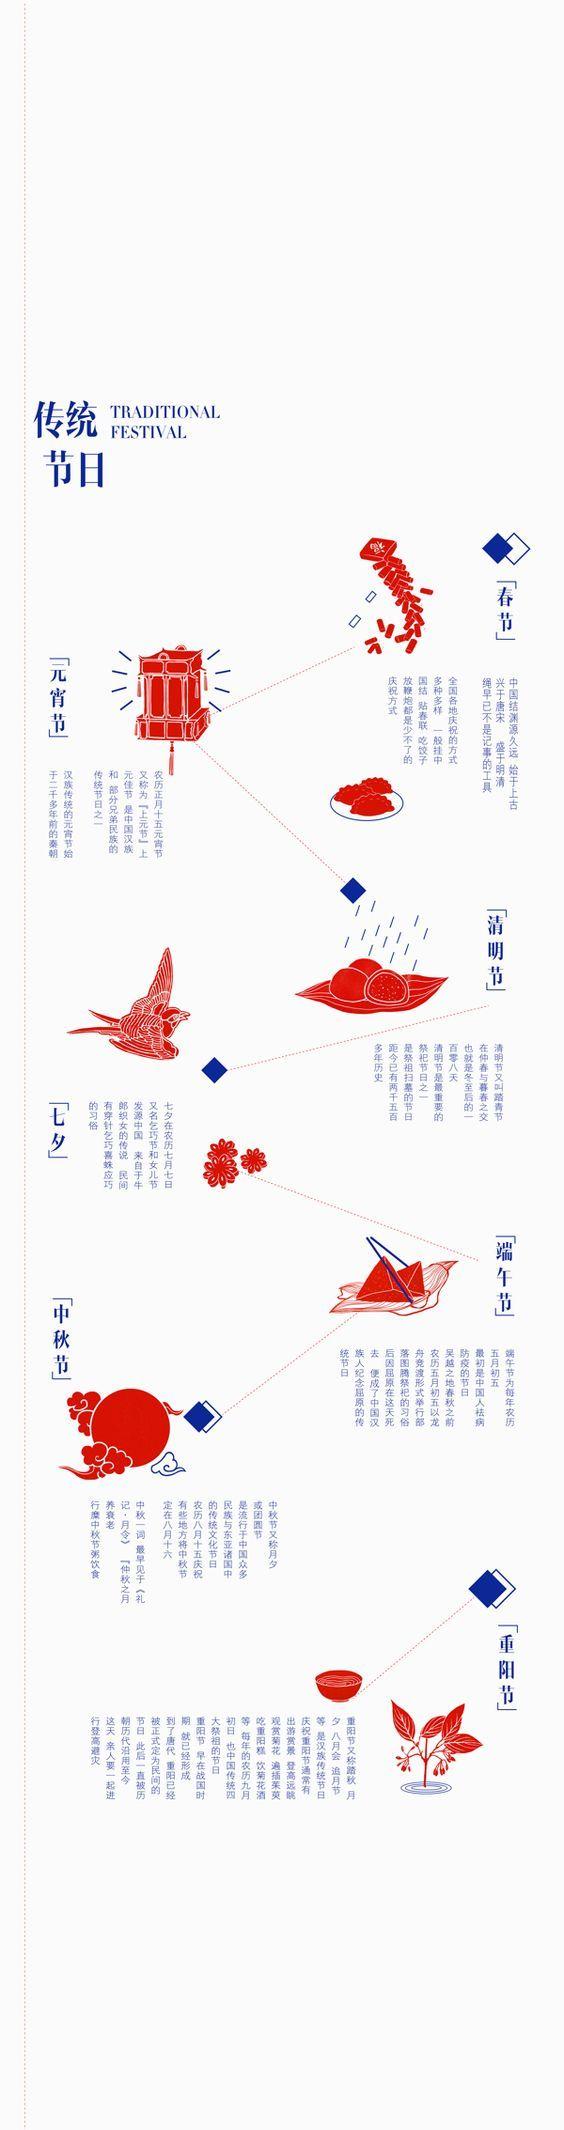 农历再设计 Chinese Lunar Calendar Redesign 该设计以农历中四个方向为出发点:二十四节气 传统节日 黄道吉日 干支纪法。 用插画的方法去全是中国古代农历 让更多人能直观的感受农历,了解农历,是我们此次设计的目的。 Design by:Crystal Chu, Young Yang From : Graphic Design , Shanghai Institute Of Design , China Academy Of Art: